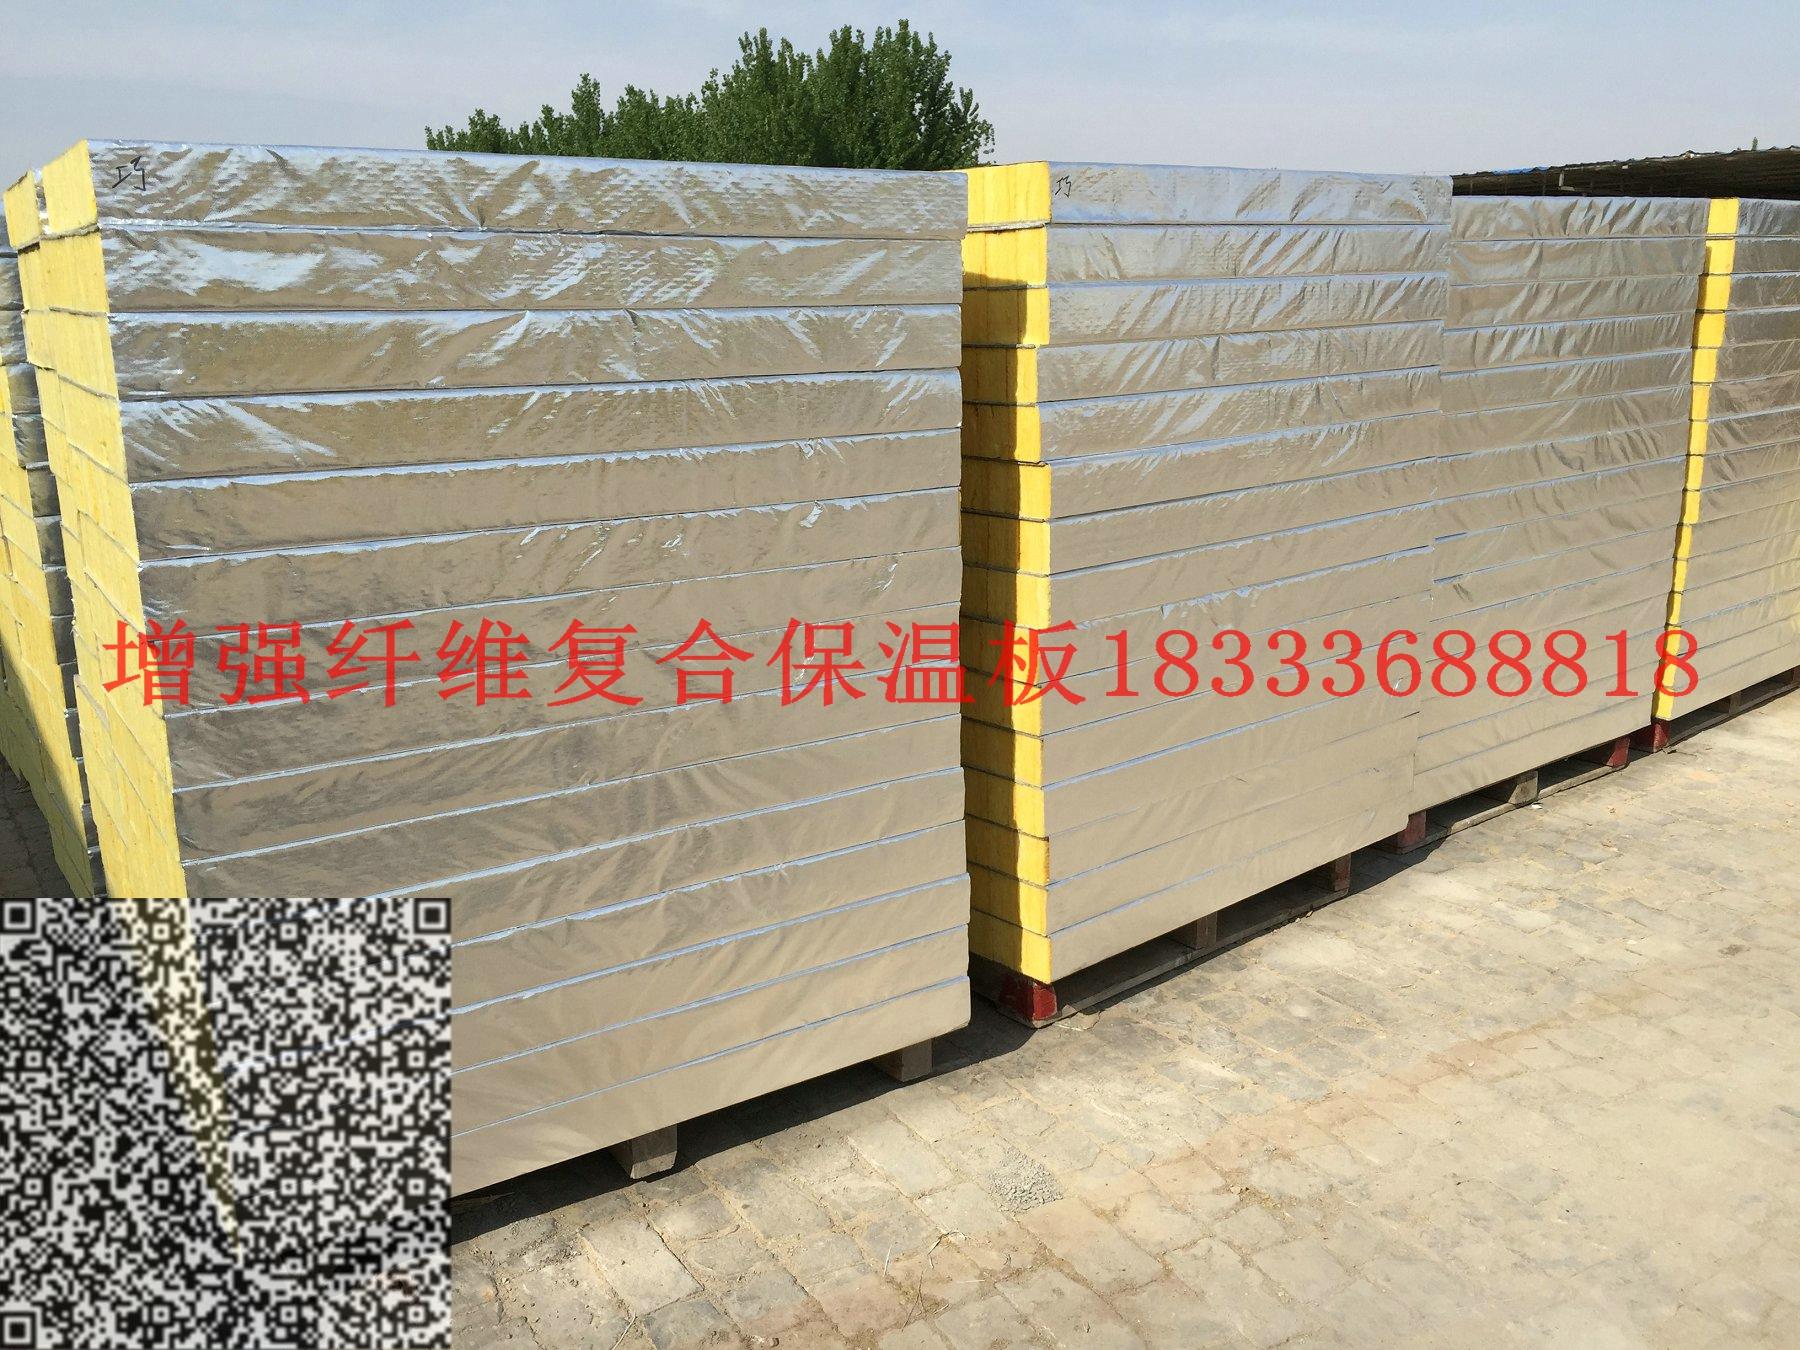 裹覆增qiang玻璃纤维板厂商出shou|供应廊坊口碑hao的裹覆增qiang玻璃纤维板